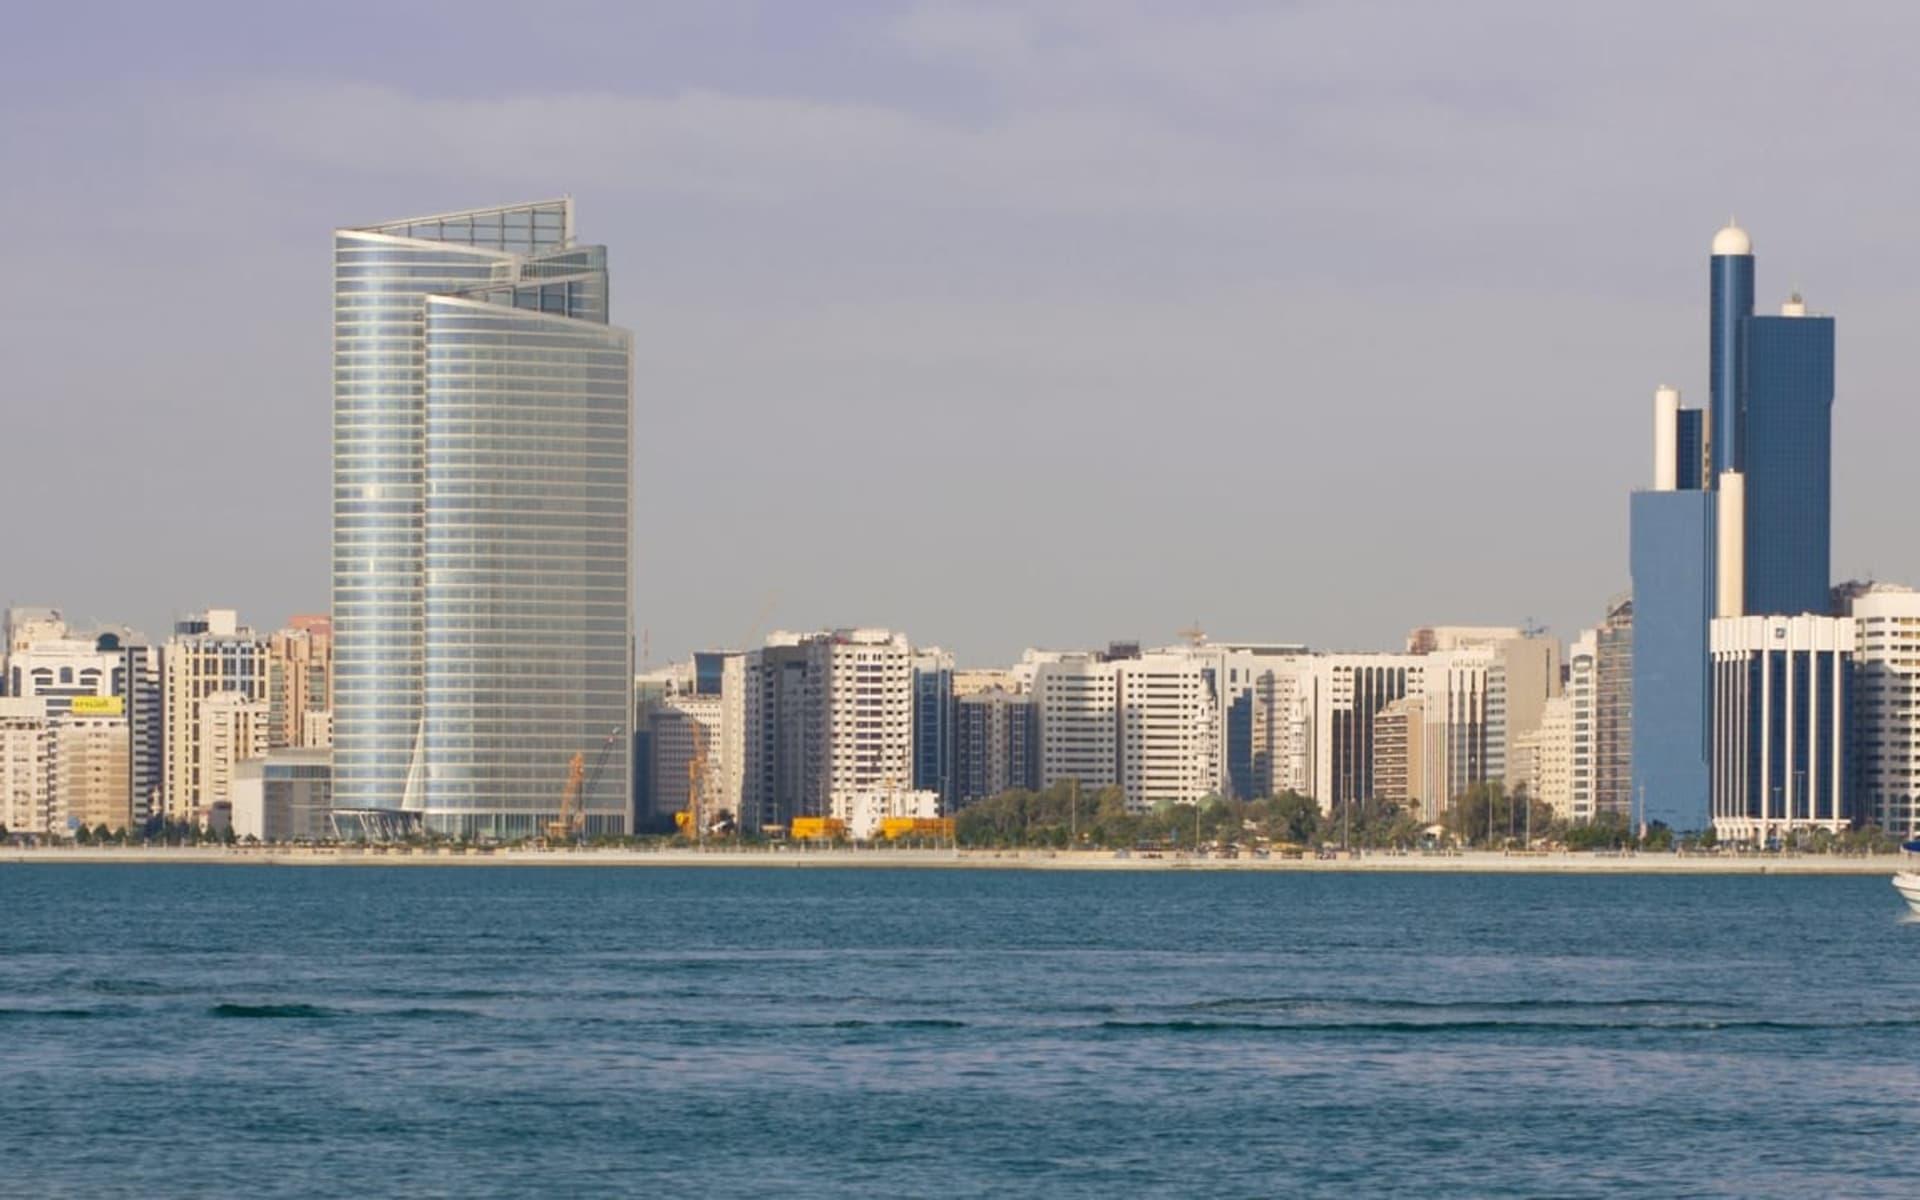 Entdecken Sie die Emirates auf eigene Faust ab Dubai: Abu Dhabi Corniche